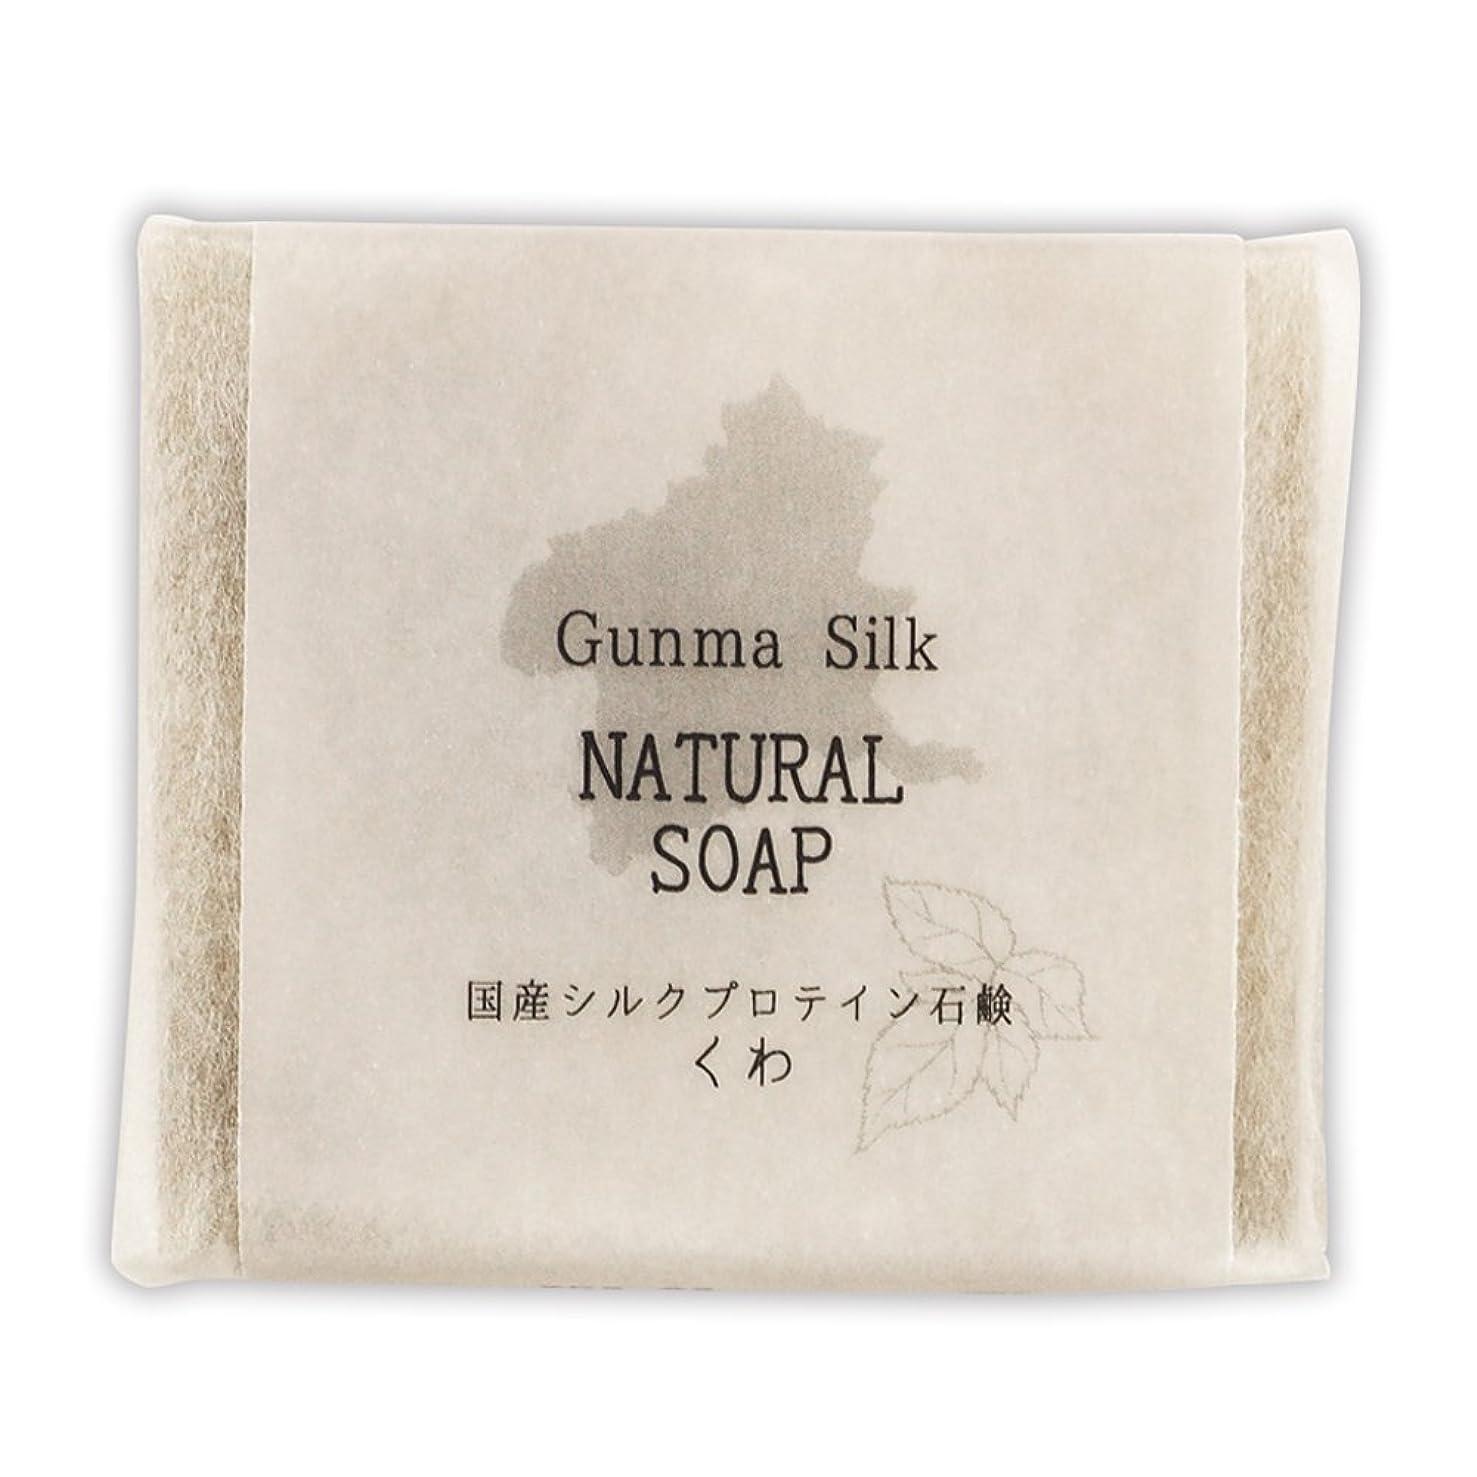 パトワ保持文房具BN 国産シルクプロテイン石鹸 くわ SKS-03 (1個)